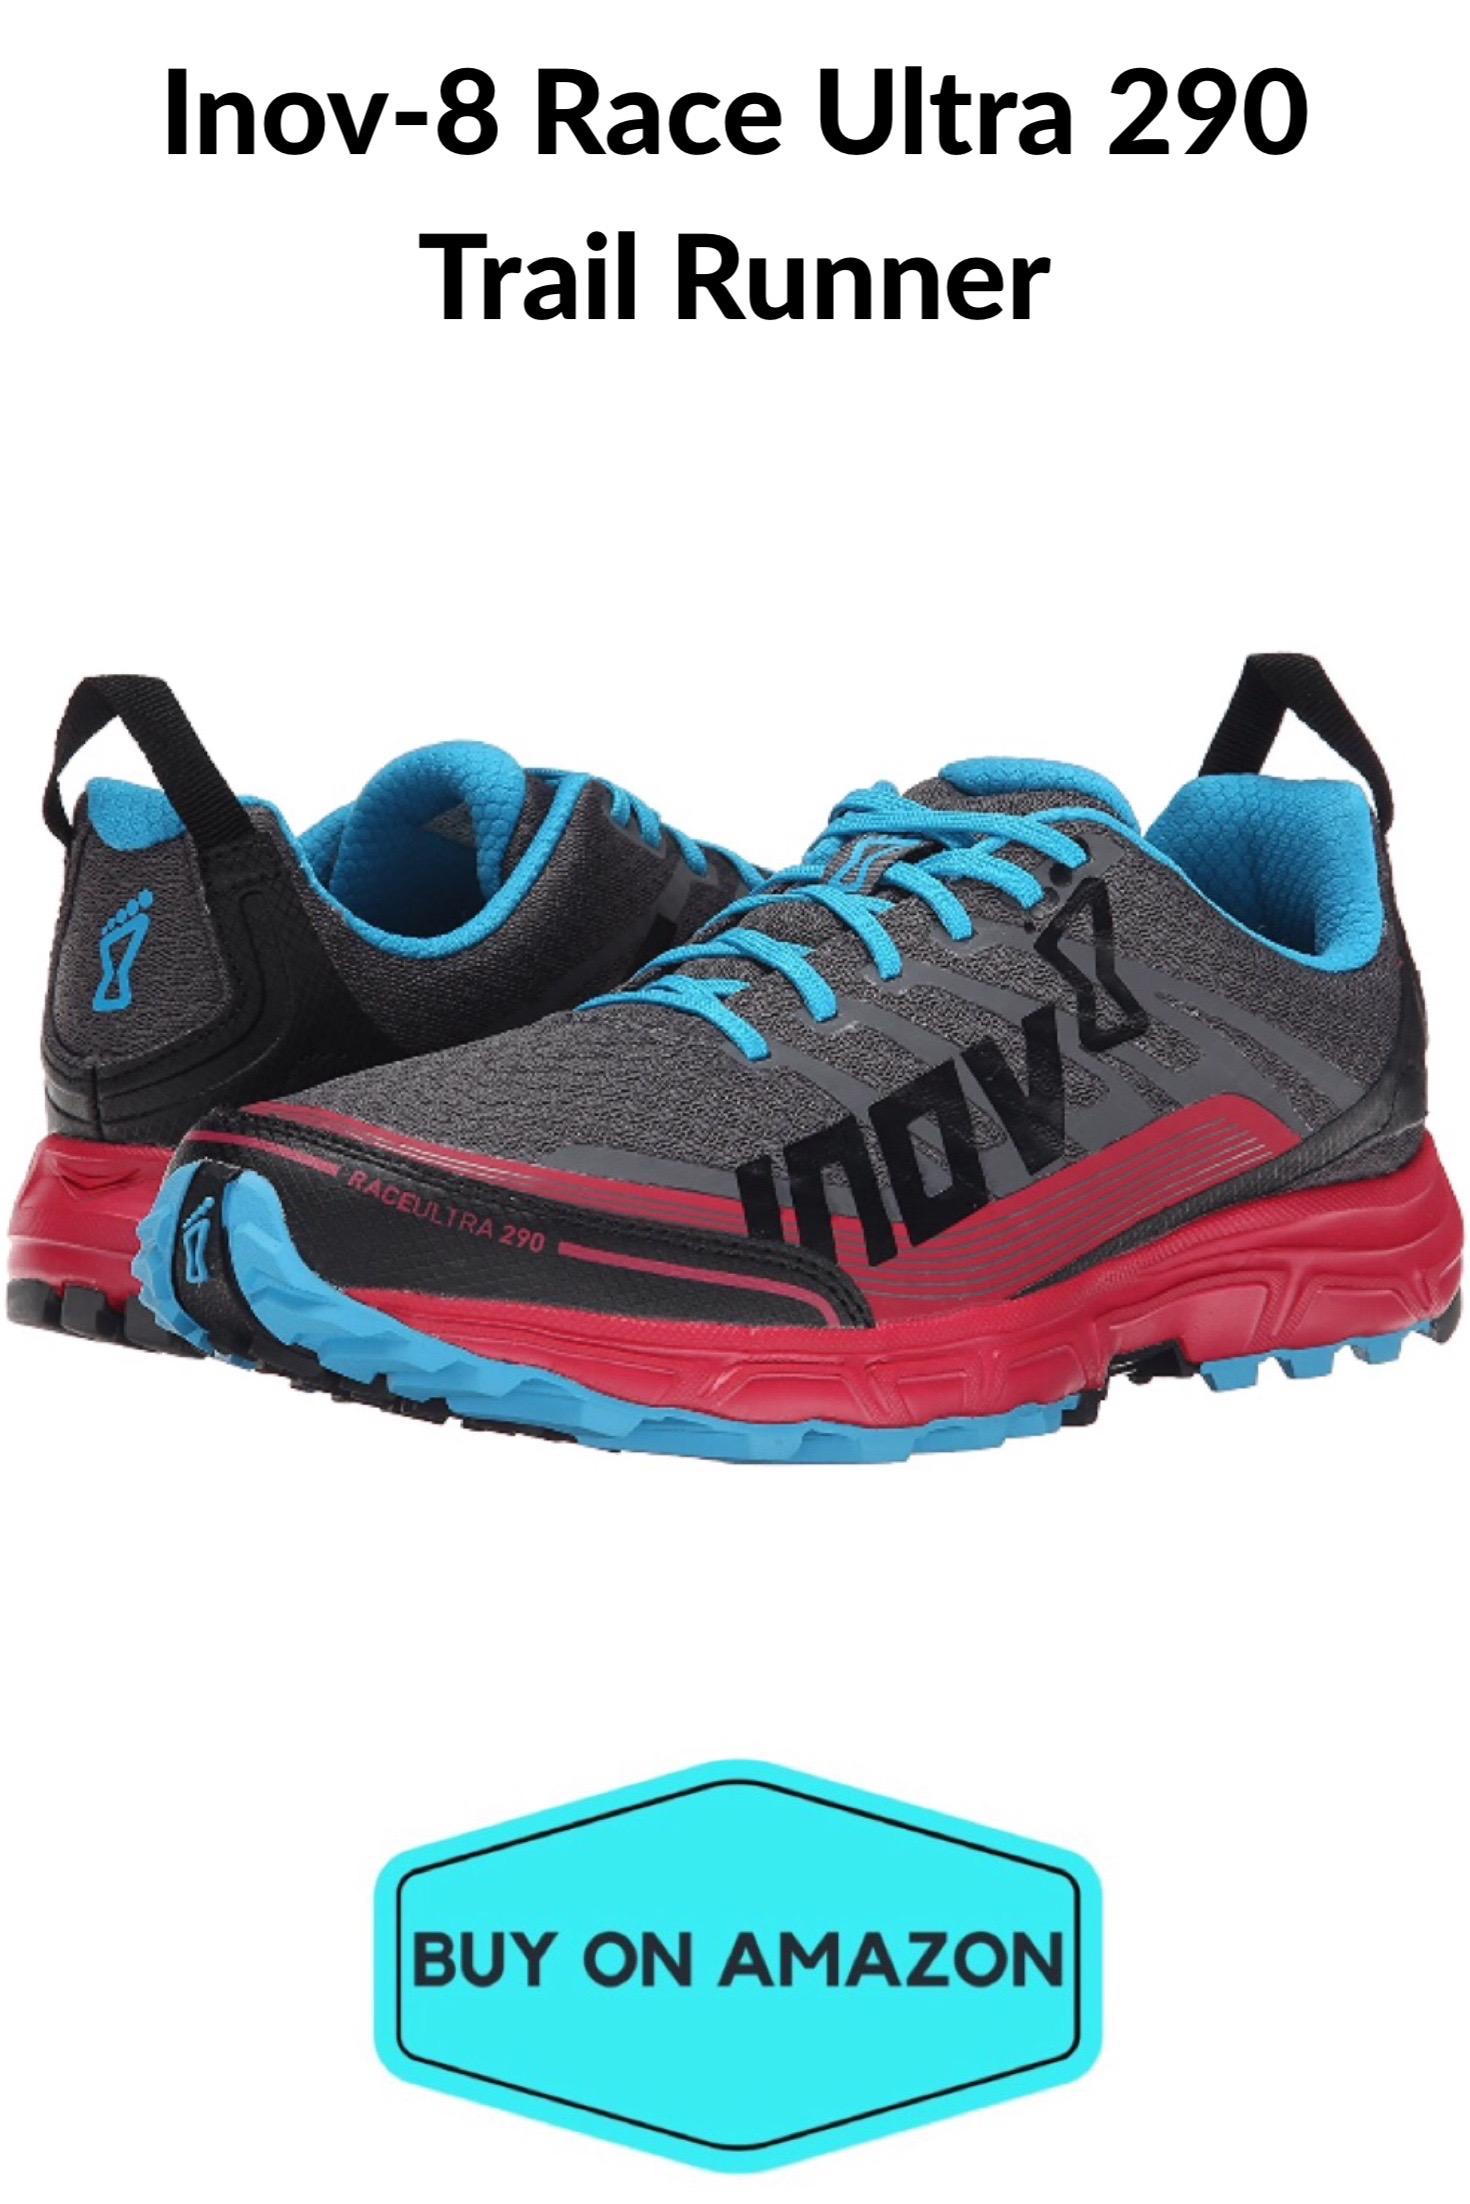 Inov-8 Race Ultra 290 Women's Trail Runner